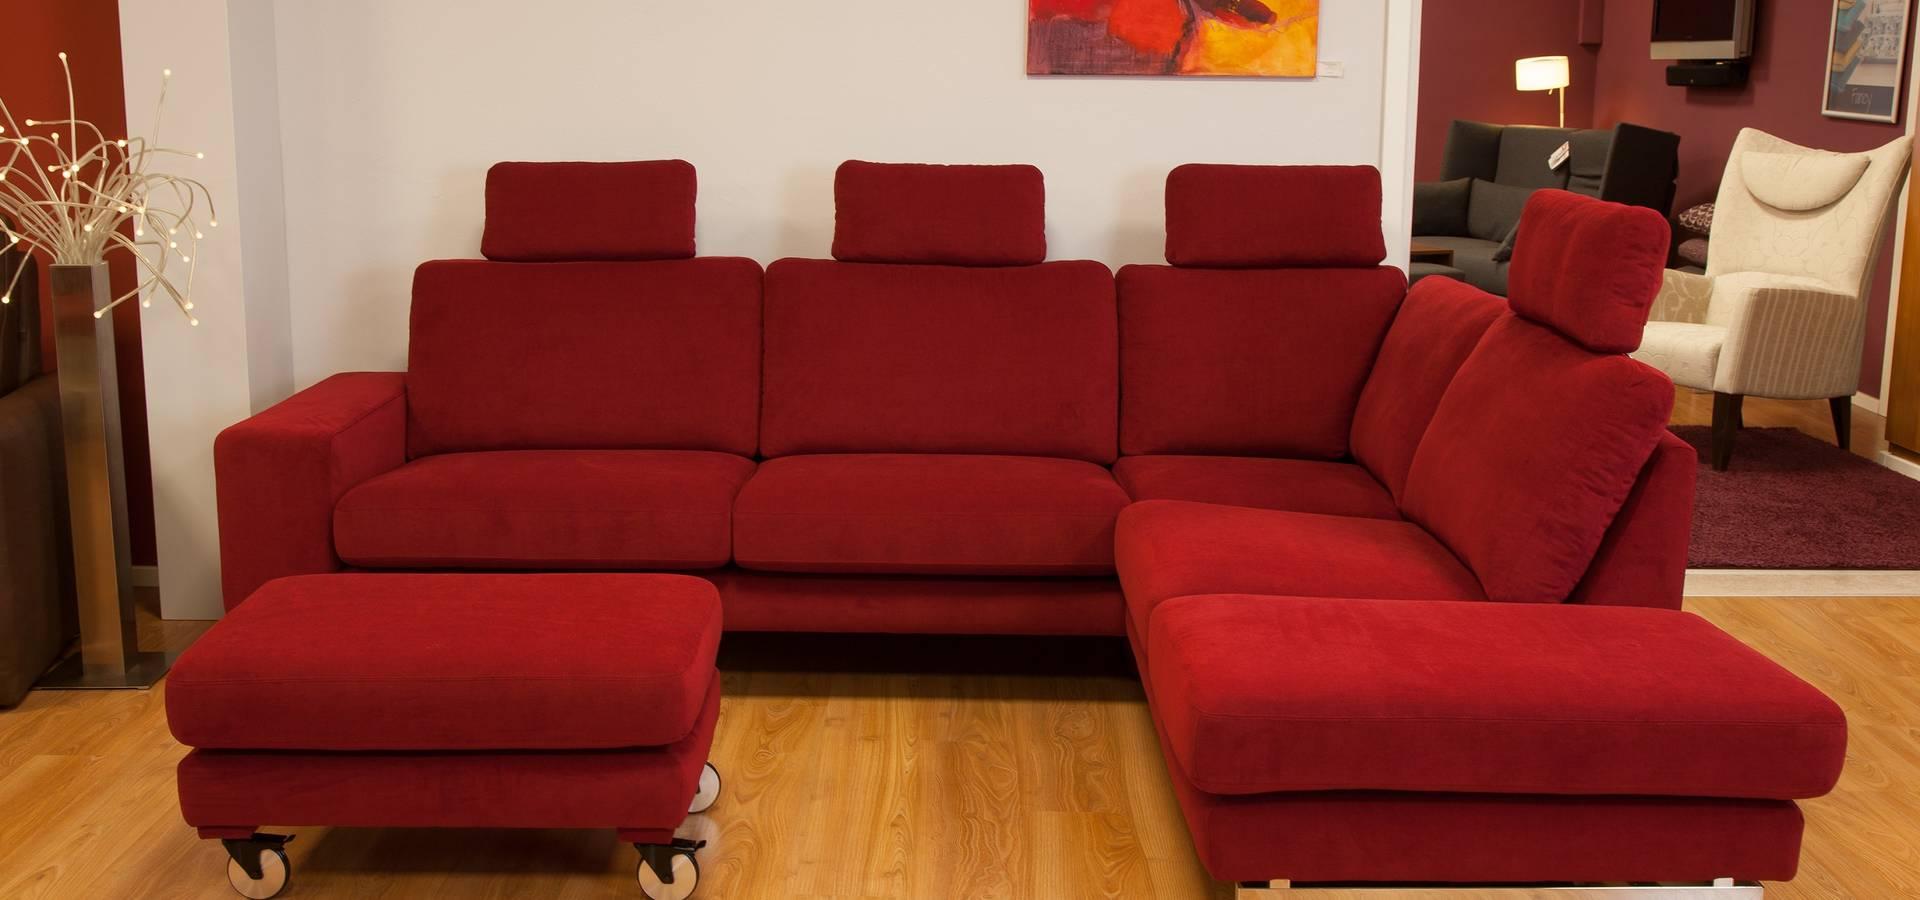 Gehlenborg die Sitzwerke